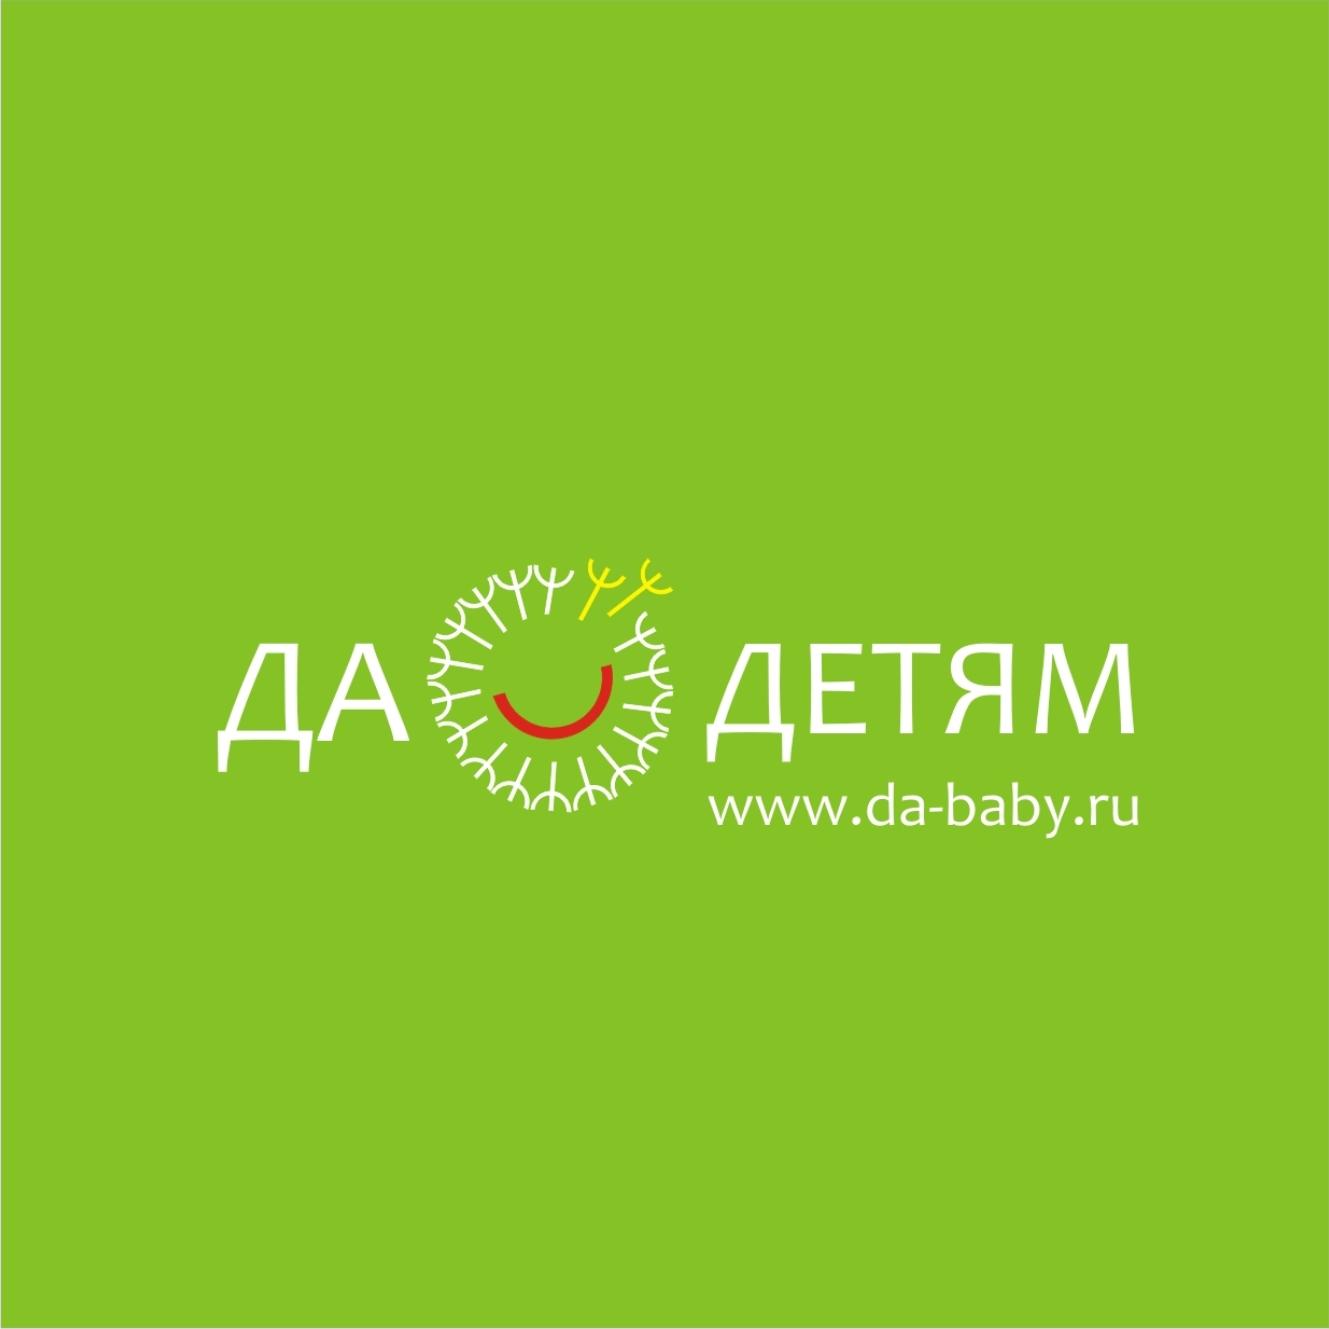 """Логотип для сети магазинов товаров для детей """"ДА ДЕТЯМ"""""""